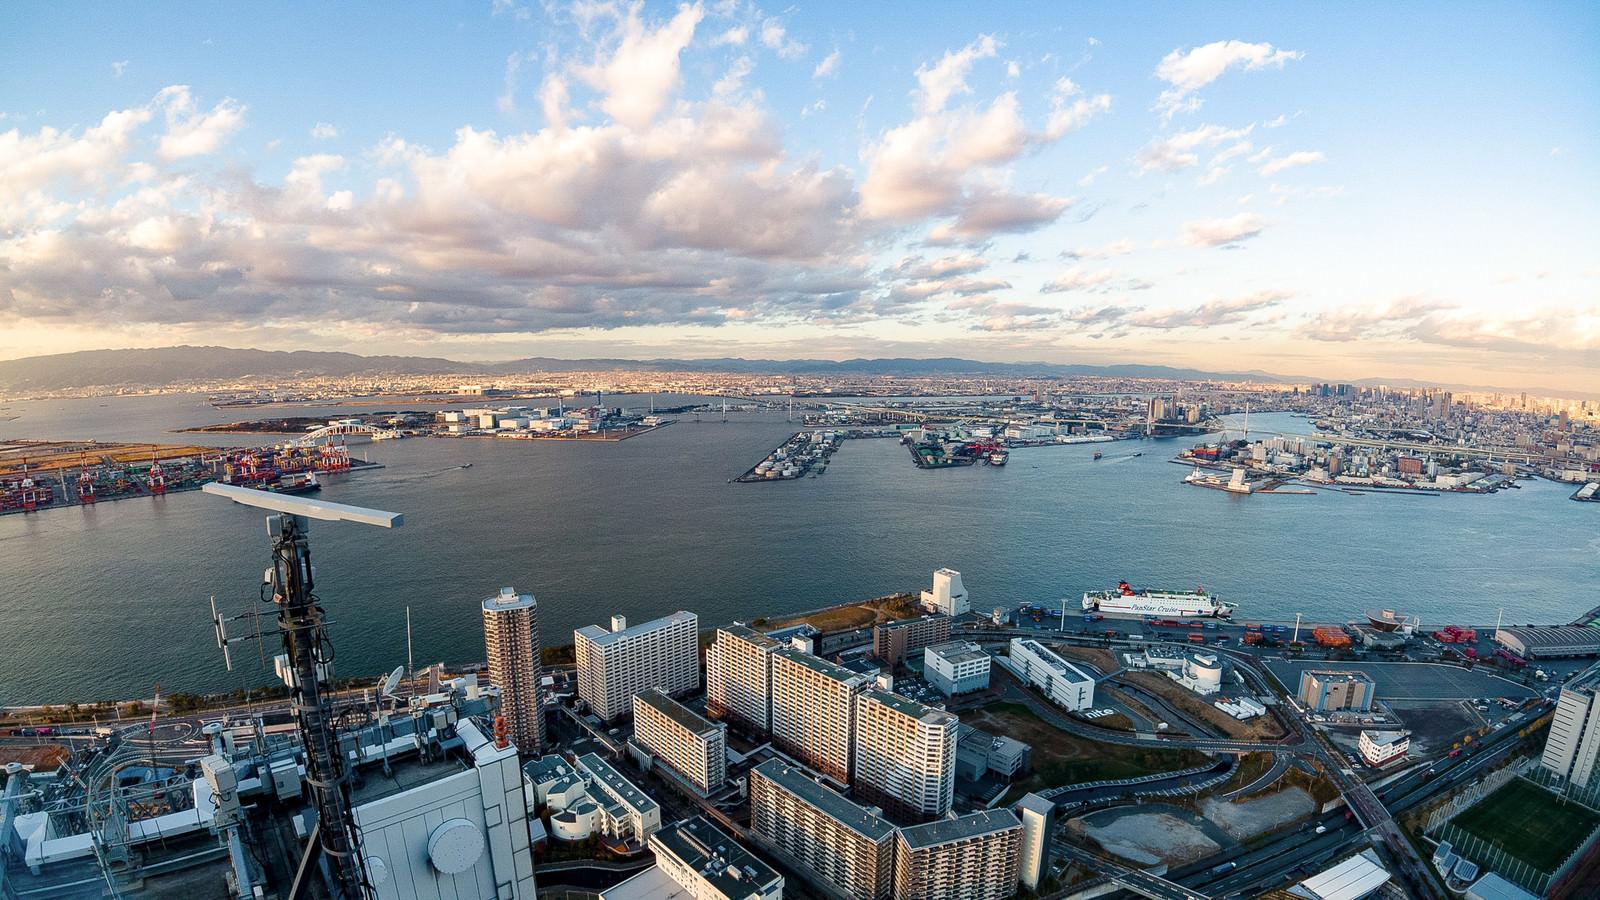 「大阪府咲洲庁舎展望台からの眺望」の写真